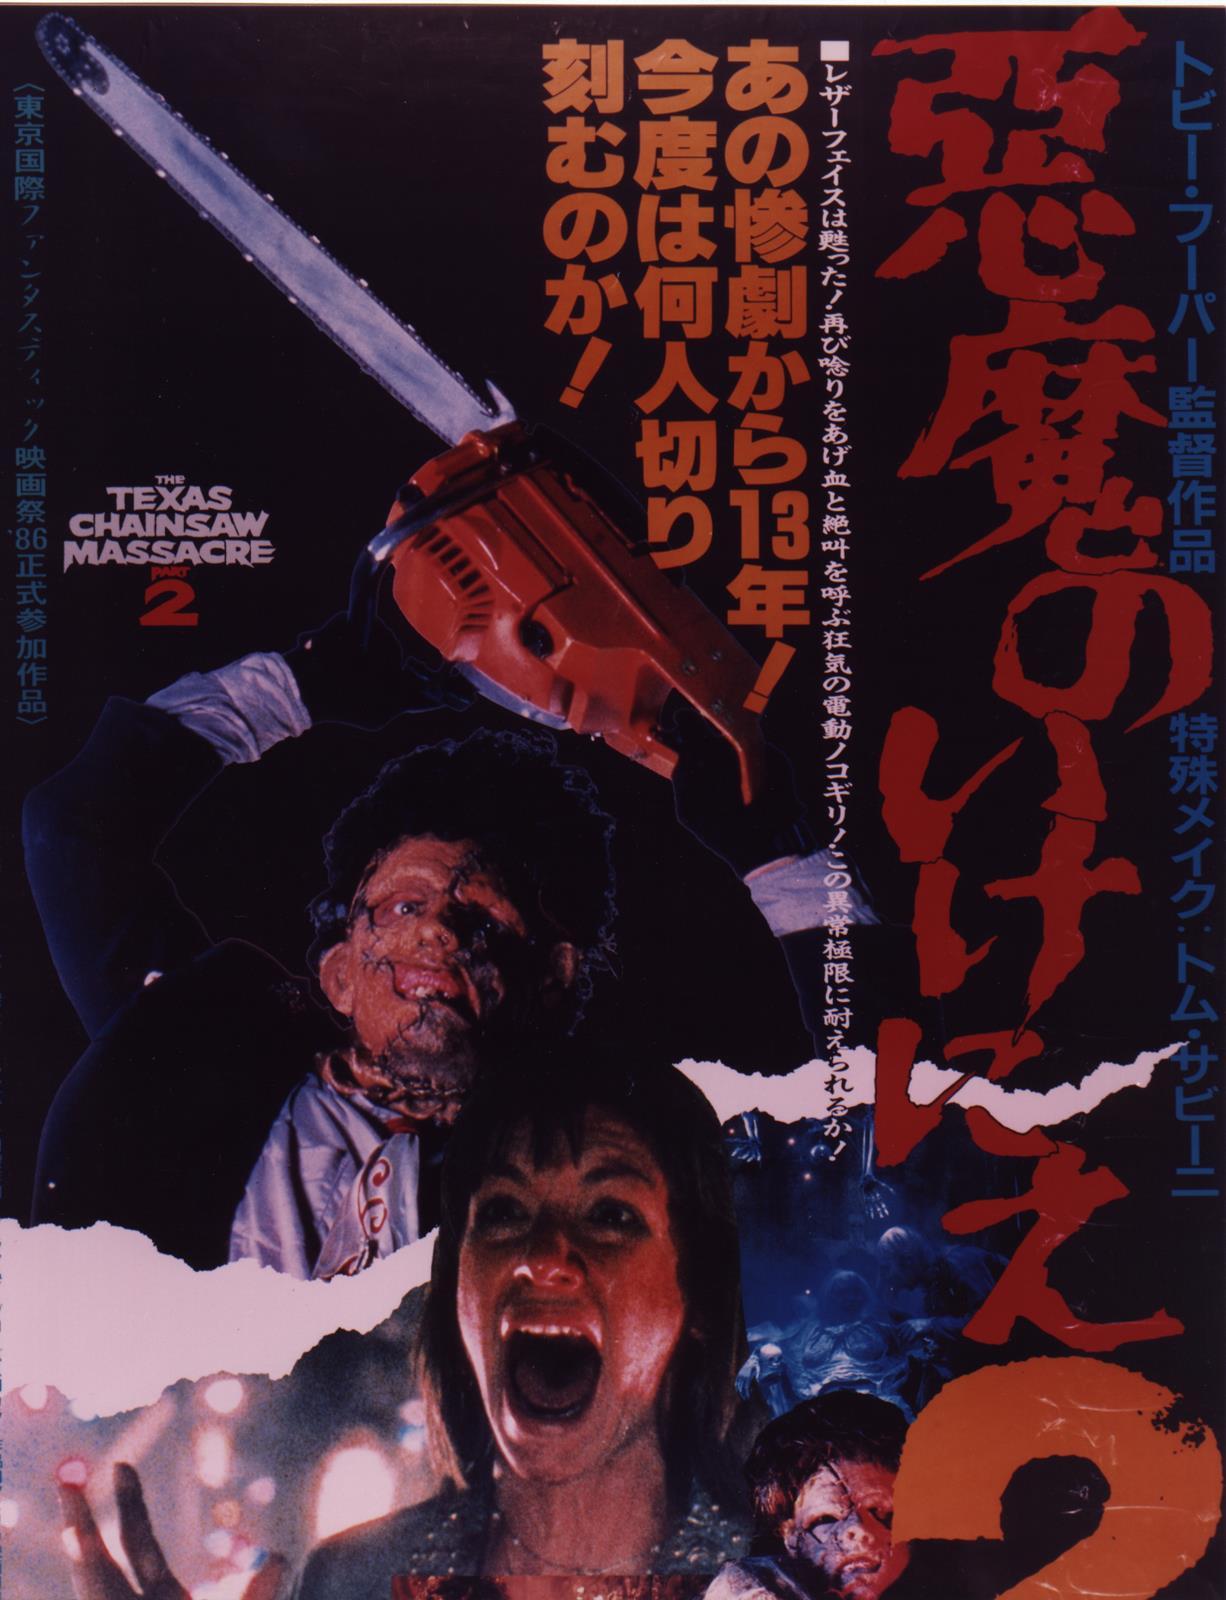 Japanese Poster 2.jpg